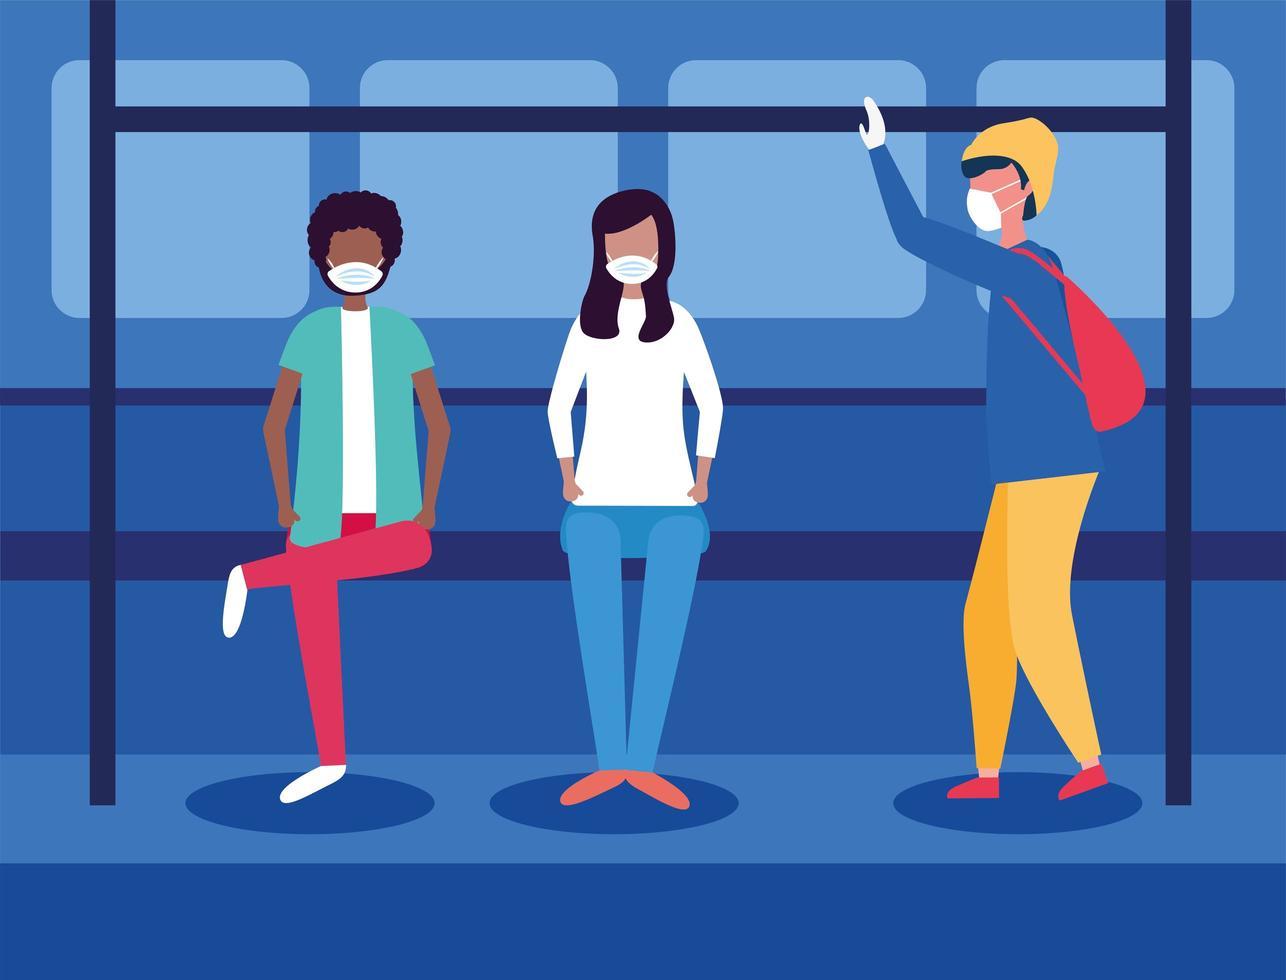 Personas con máscaras médicas dentro del diseño del vector del autobús